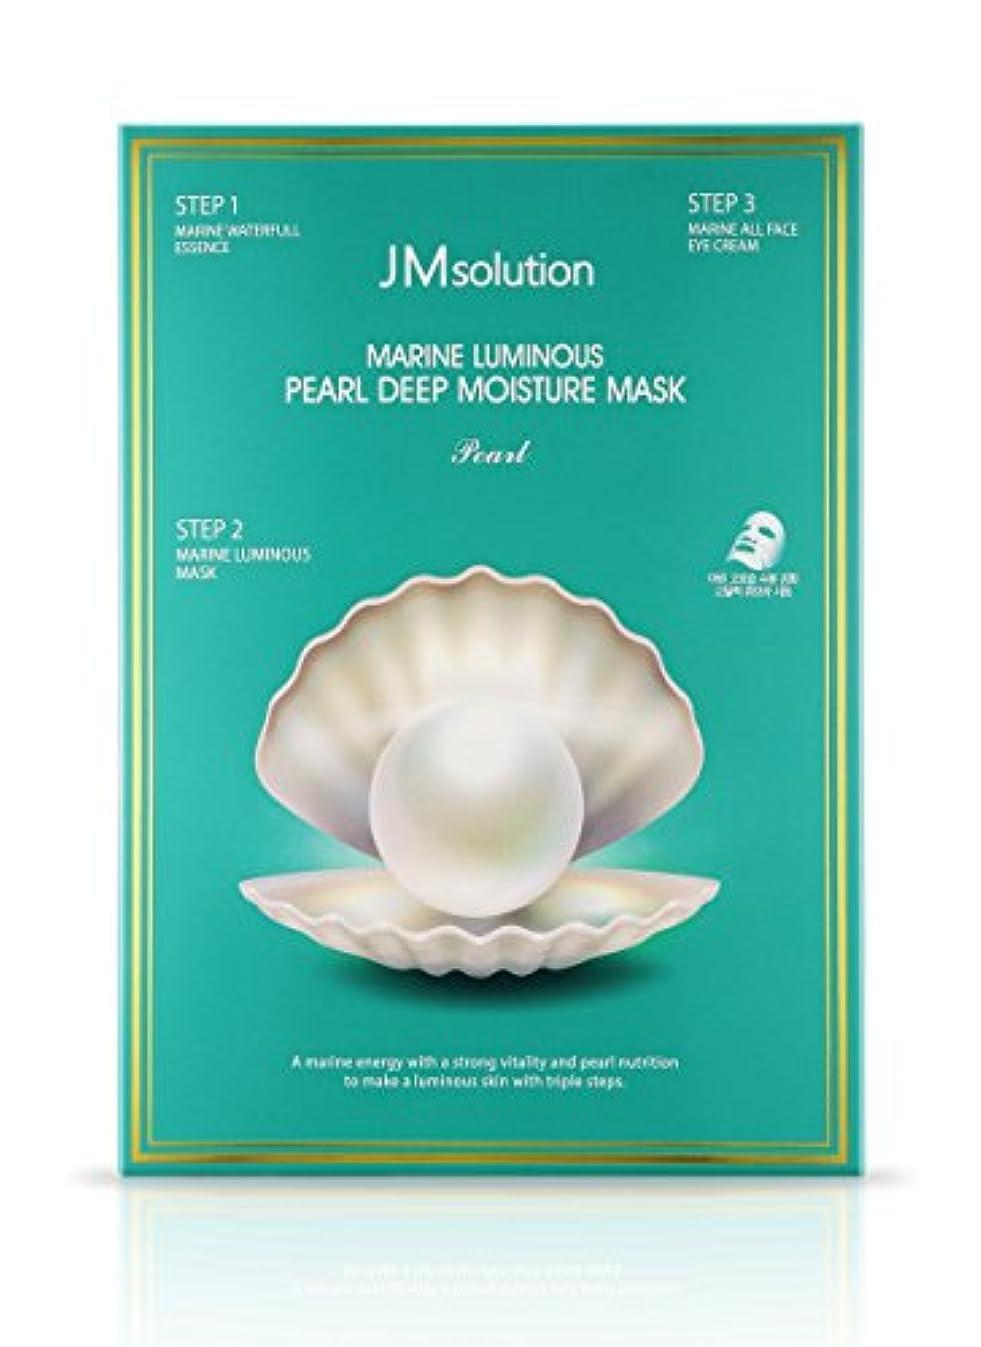 明示的にマニアック従順なJMソリューション JMsolution マリン ルミナス ディープ モイスチャー マスク 10枚入